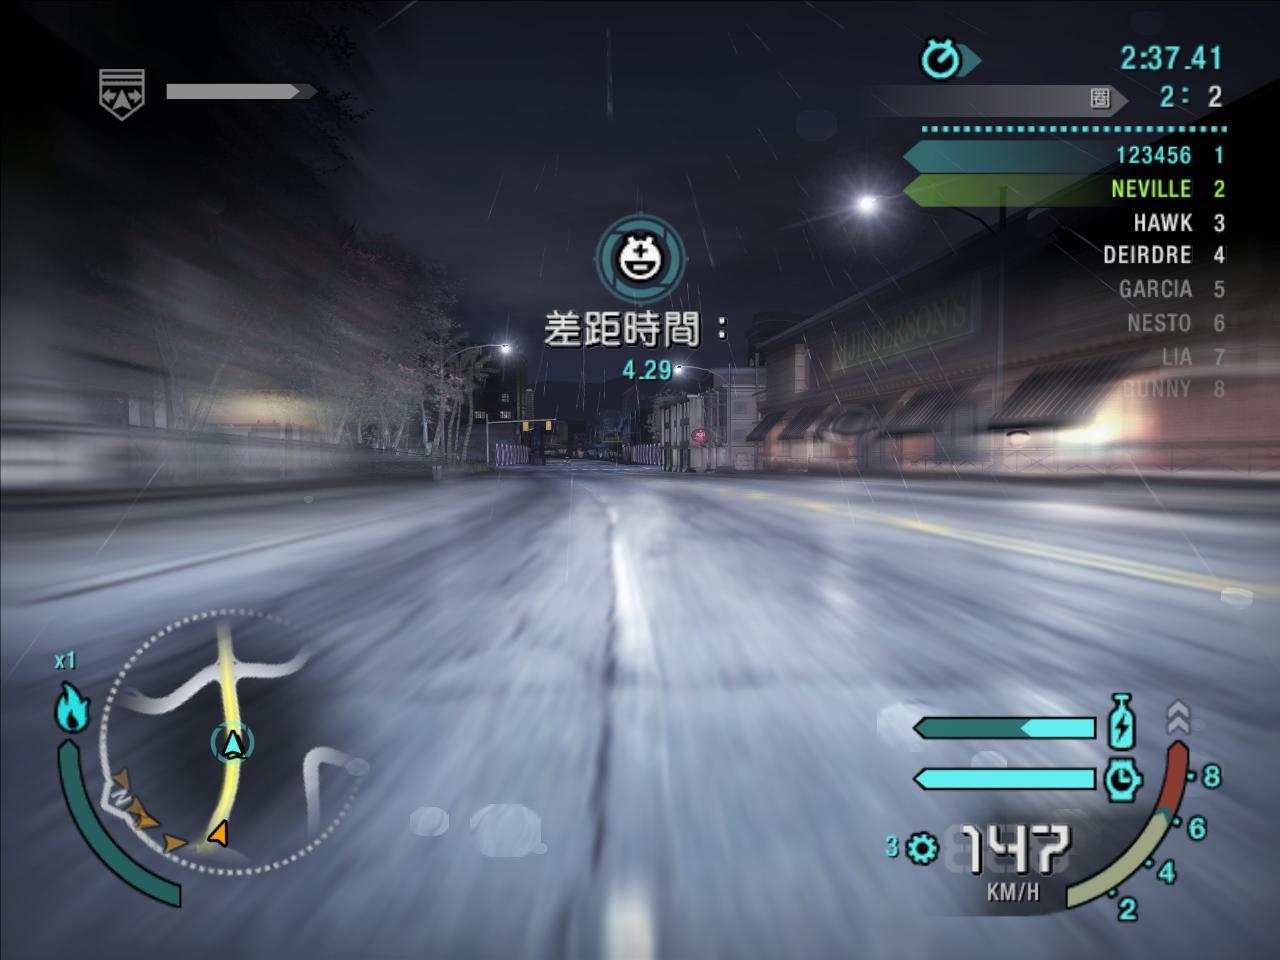 极品飞车10:卡本峡谷 游戏图片